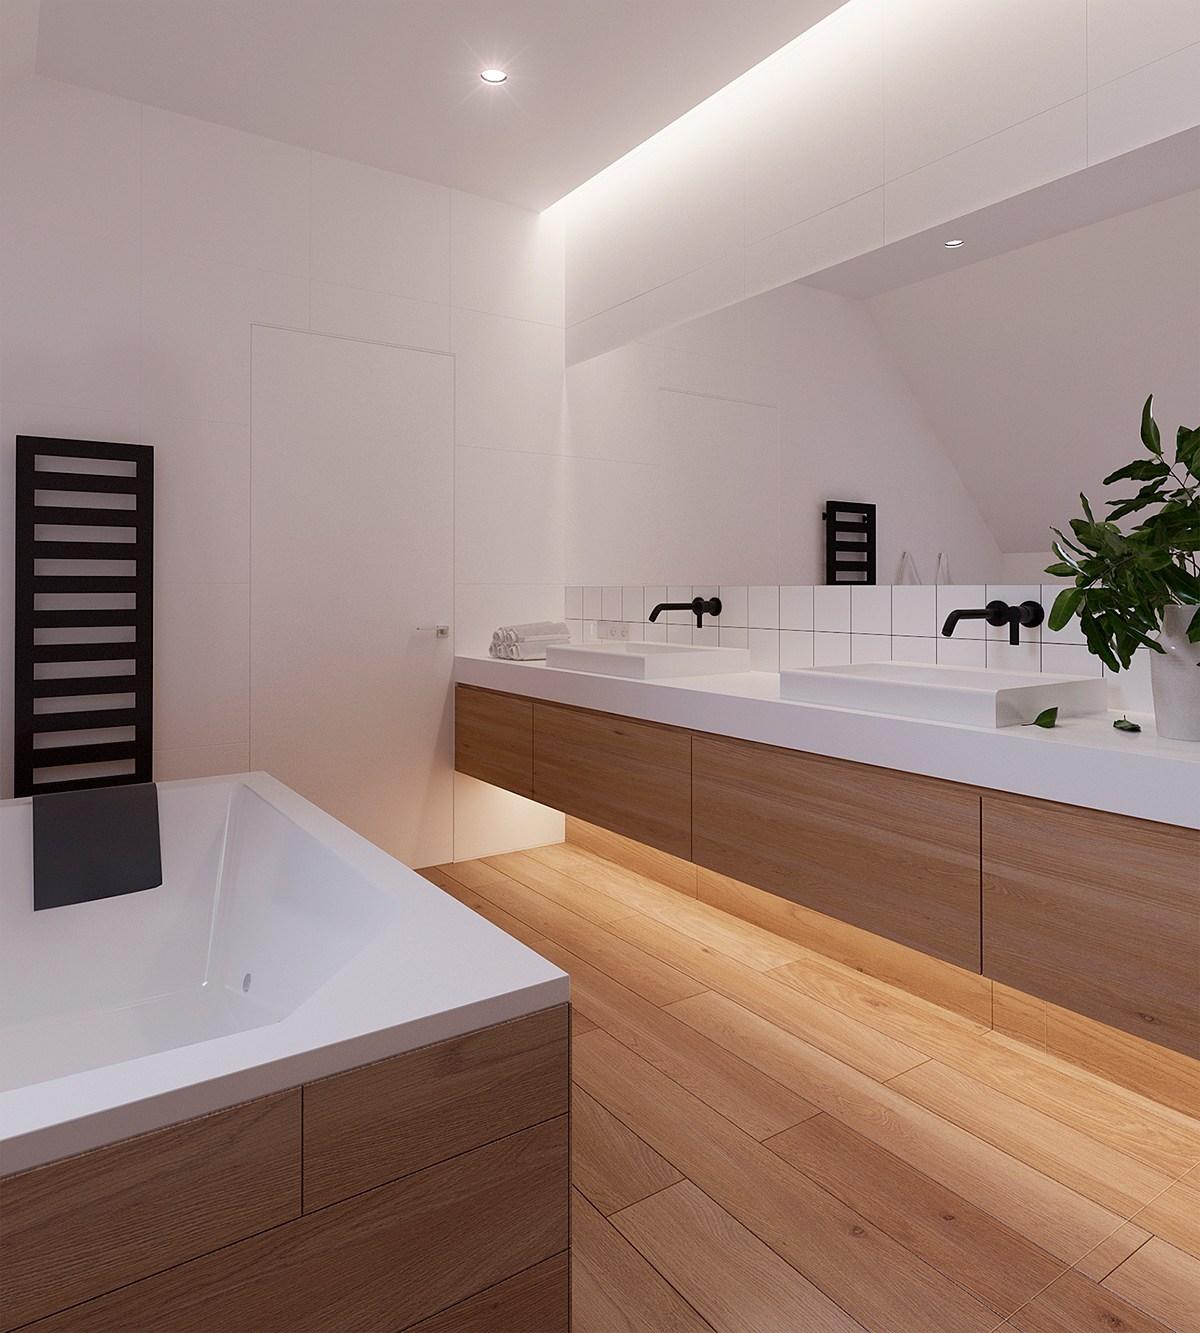 Luxe moderne badkamer met houten vloer door architectenbureau zrobym badkamers voorbeelden - Badkamer houten vloer ...